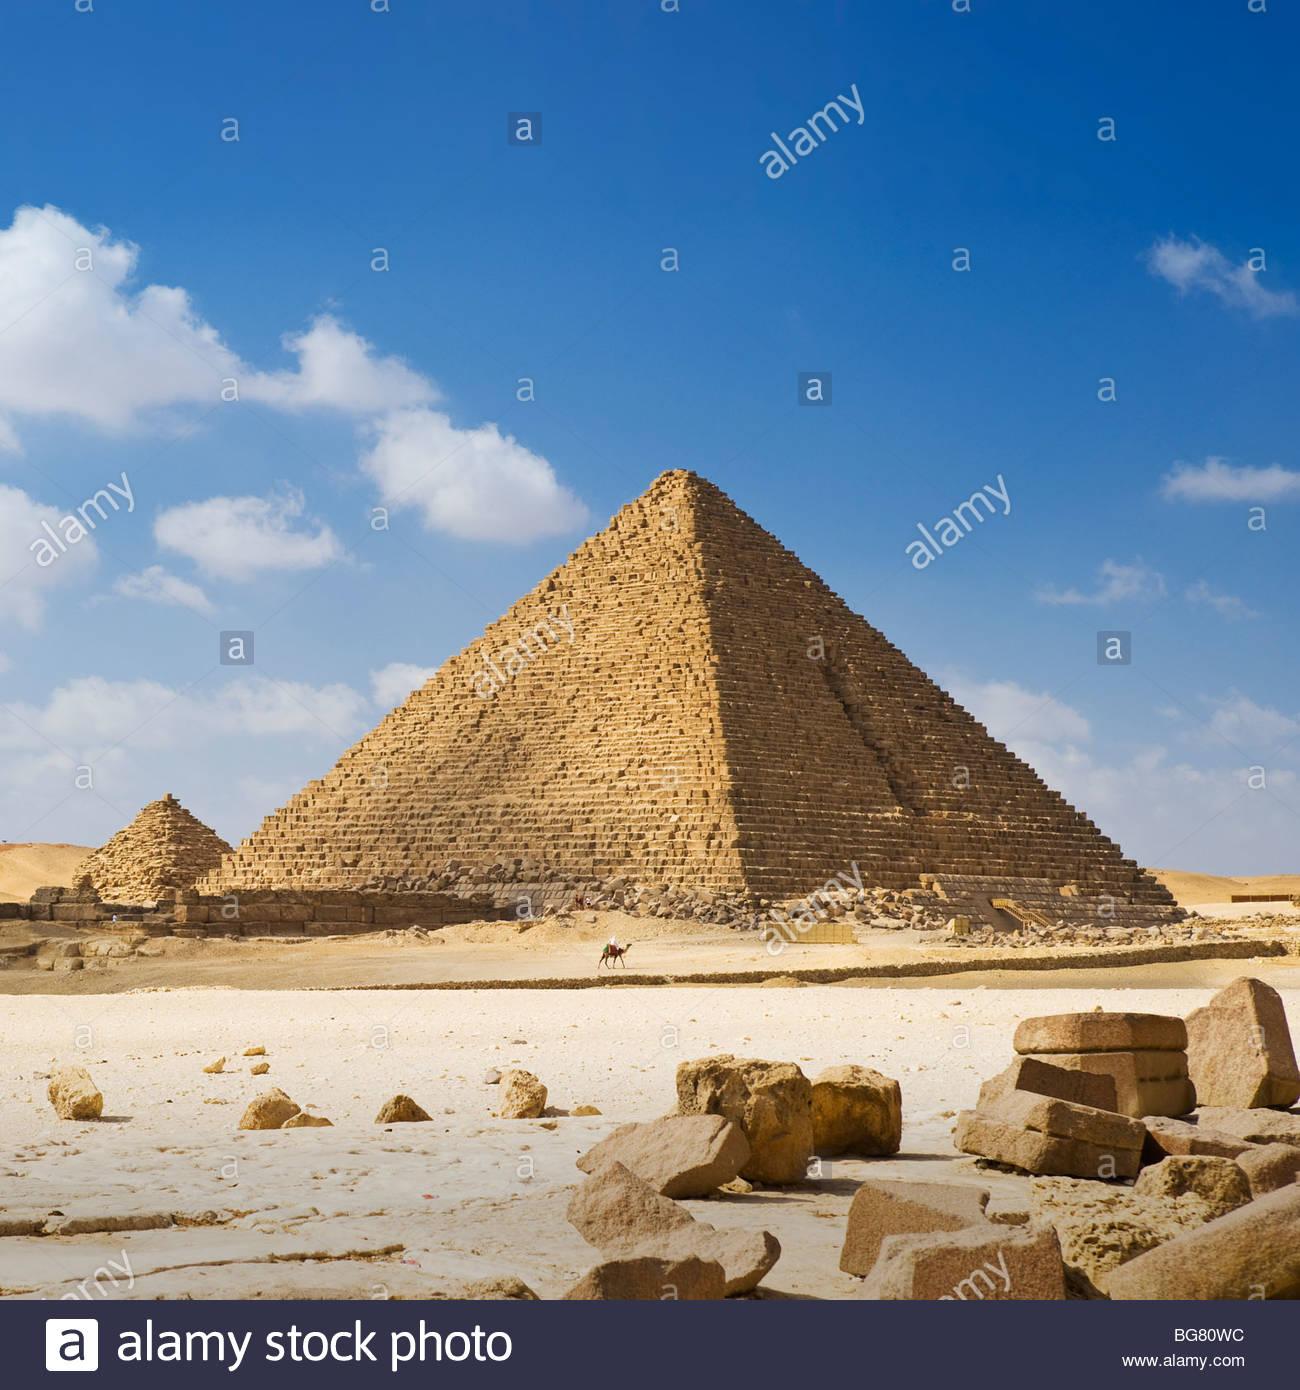 Un hombre en Camelback es eclipsado por la Pirámide de Menkaure, Pirámides de Giza, El Cairo, Egipto. Imagen De Stock